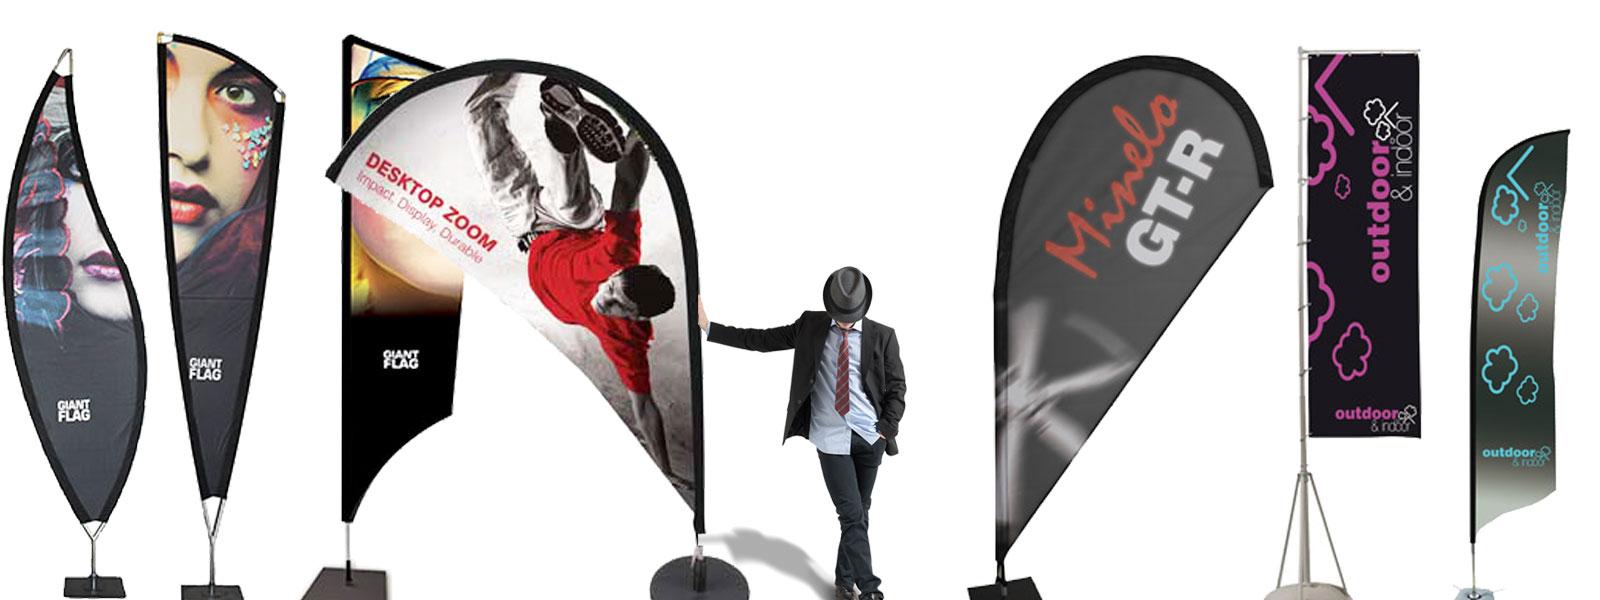 Cr ation et fabrication de stand portatif pour salon mur for Panneau publicitaire salon de coiffure